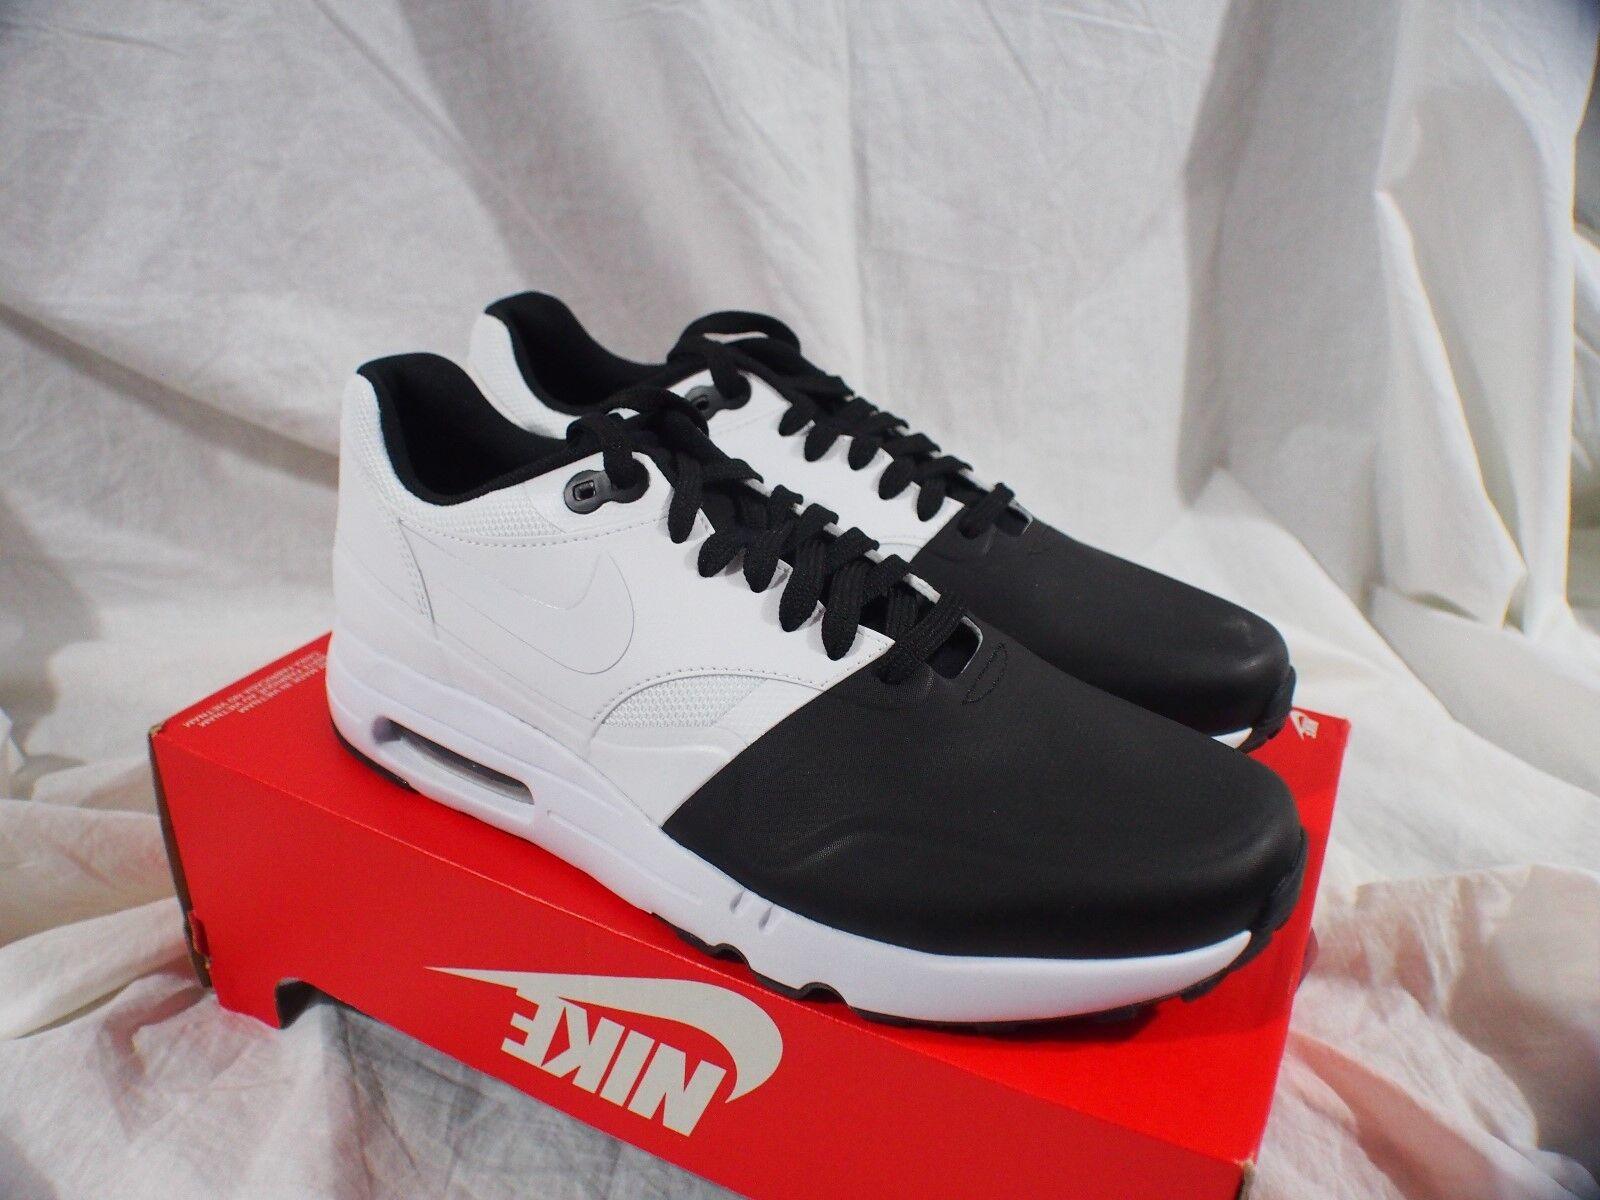 Nike air max 1 ultra se oreo panda 875845-001